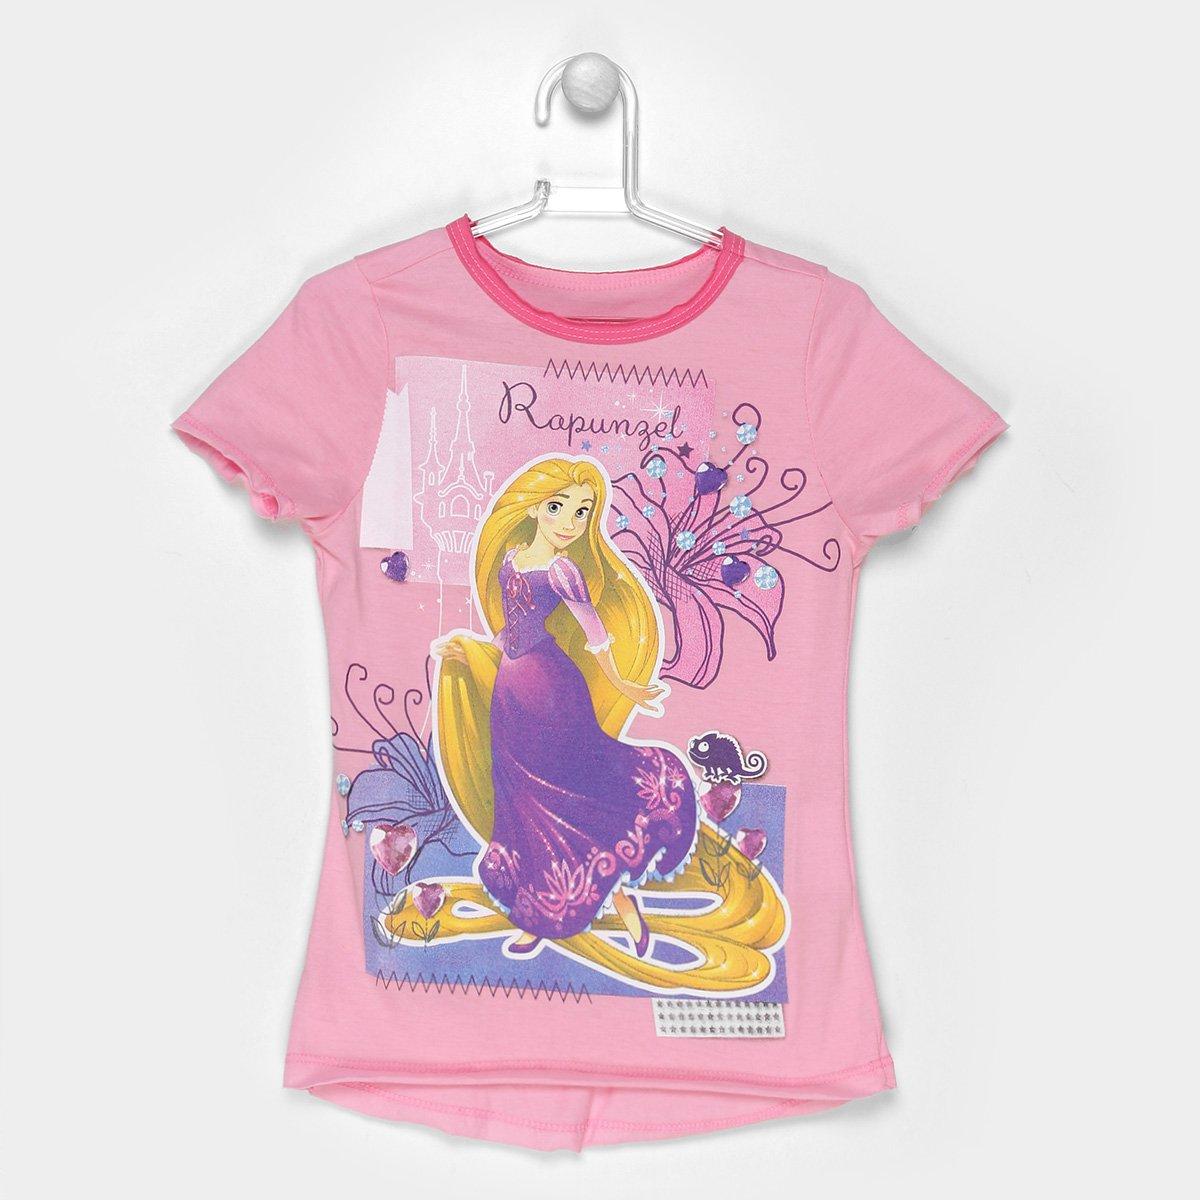 a98f16850a Camiseta Infantil Disney Rapunzel Feminina - Compre Agora